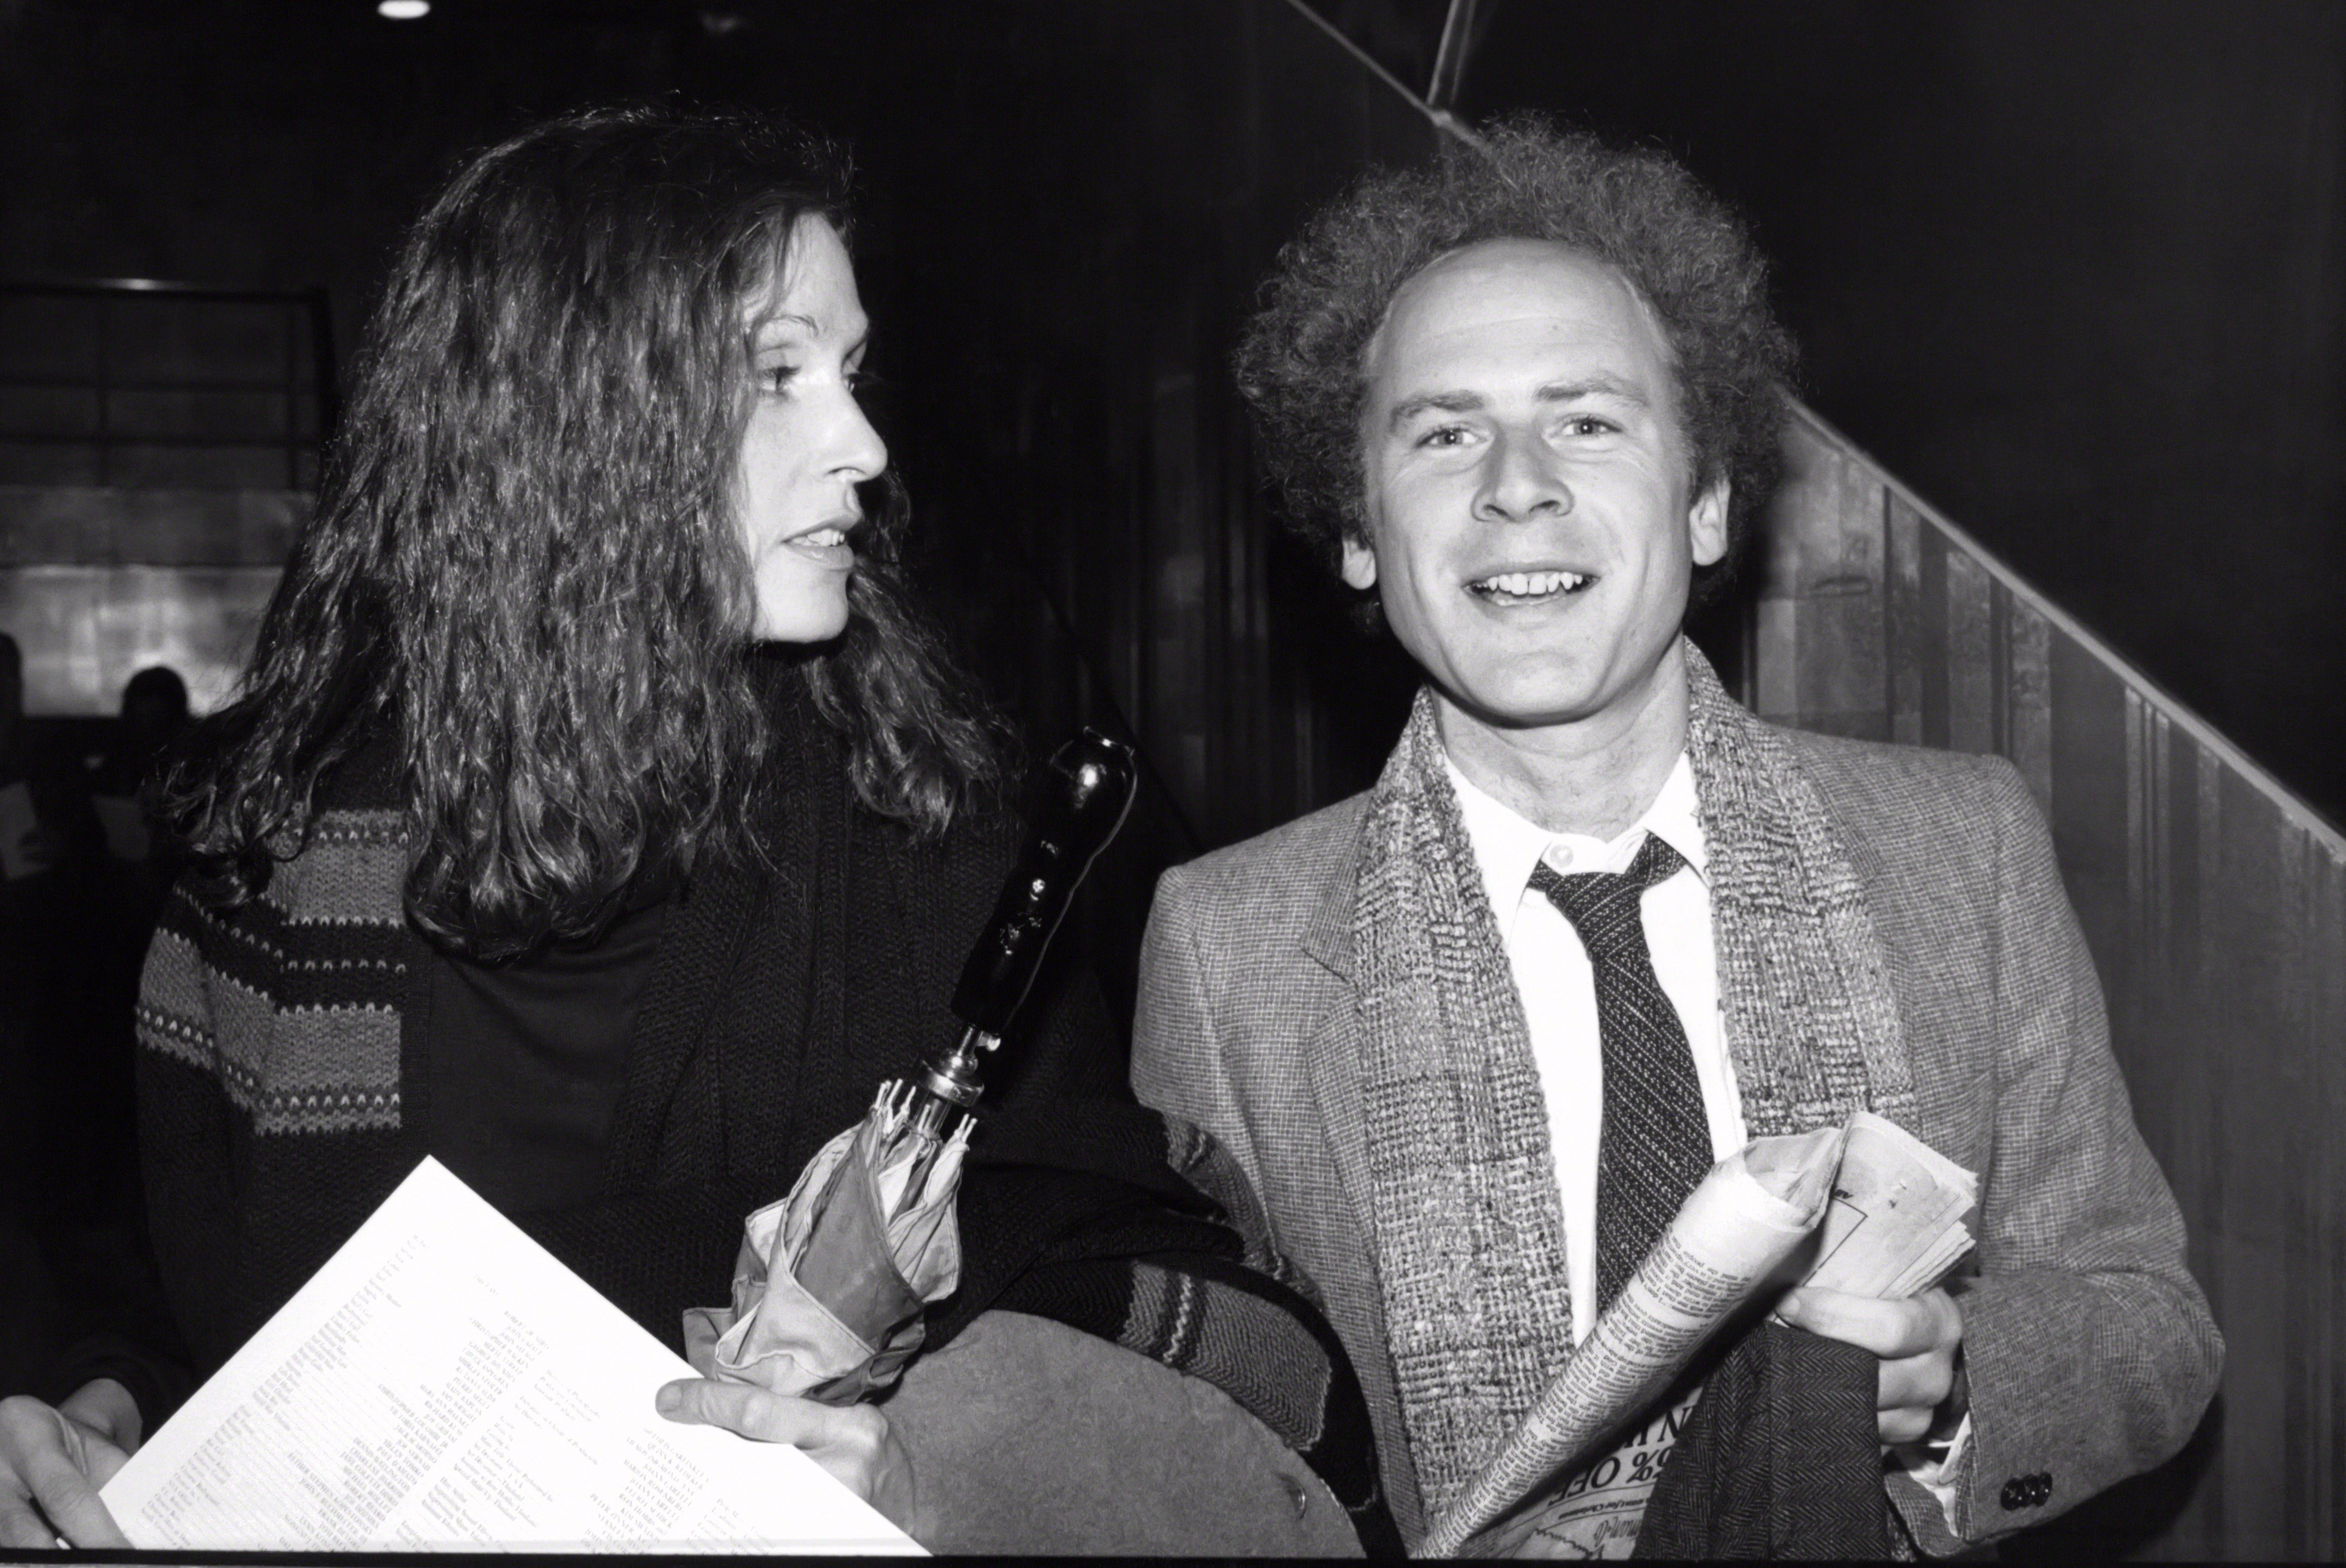 Art Garfunkel with Edie Baskind